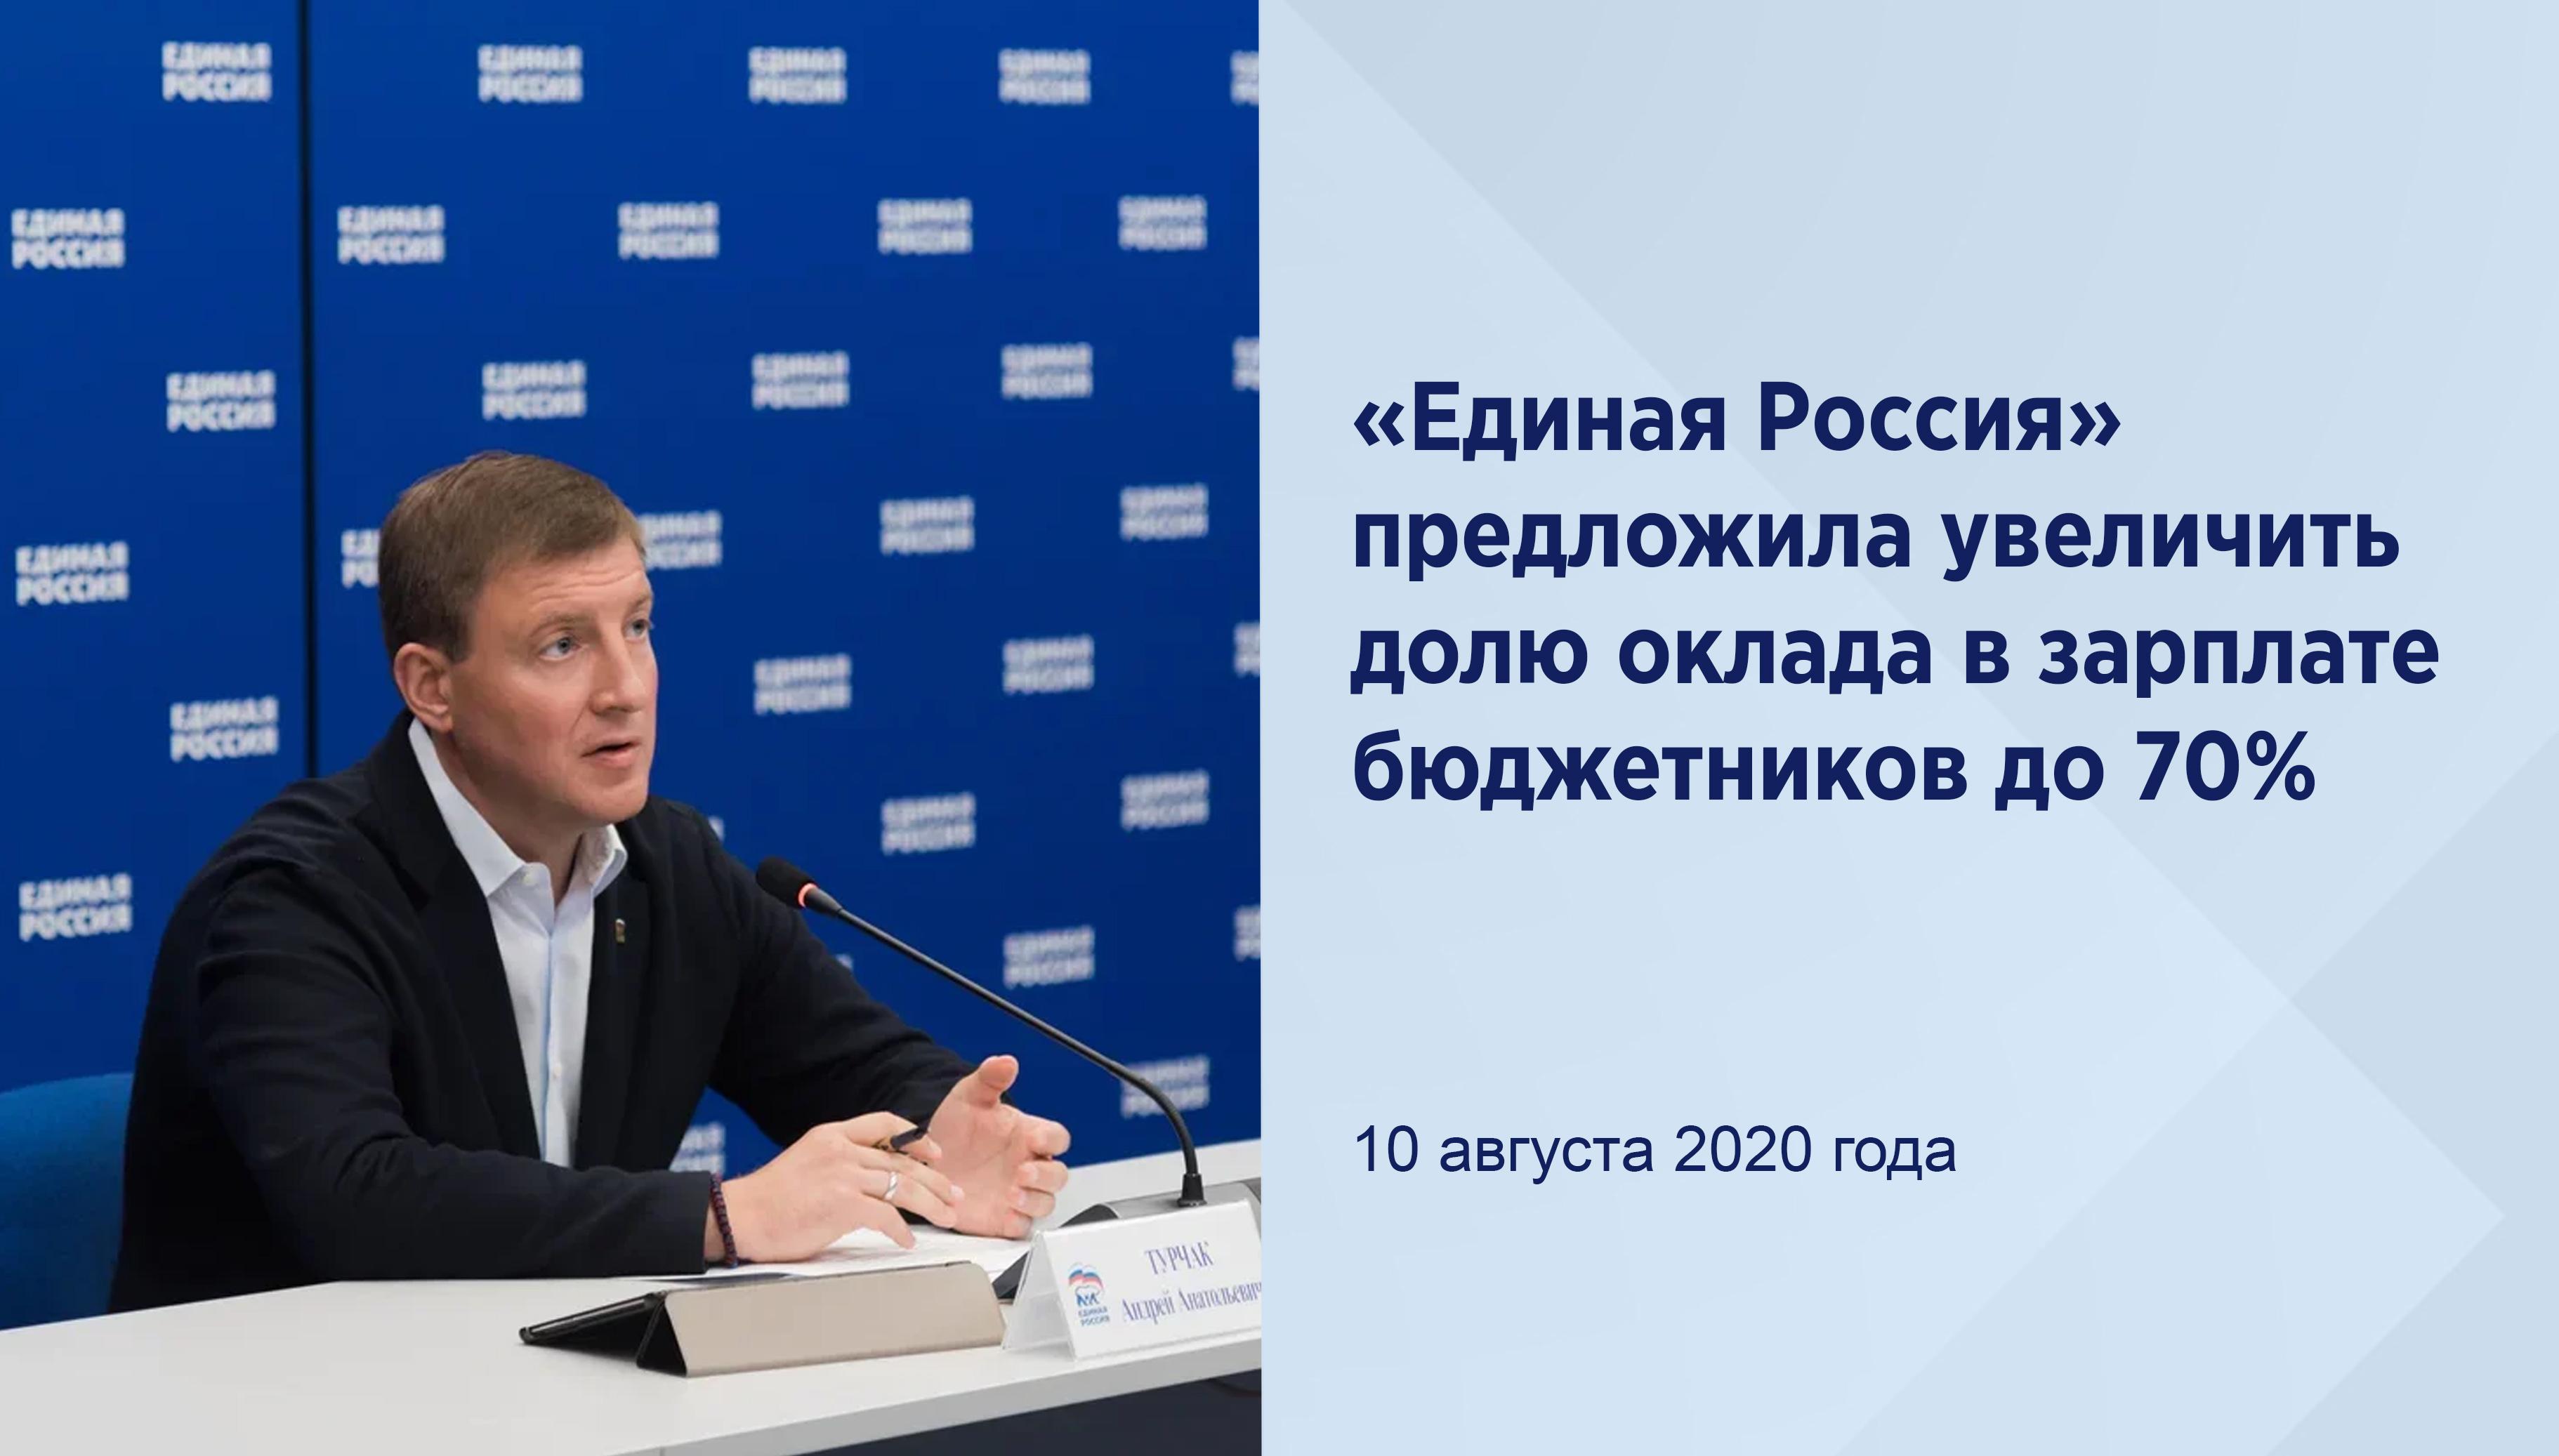 «Единая Россия» предложила увеличить долю оклада в зарплате бюджетников до 70%